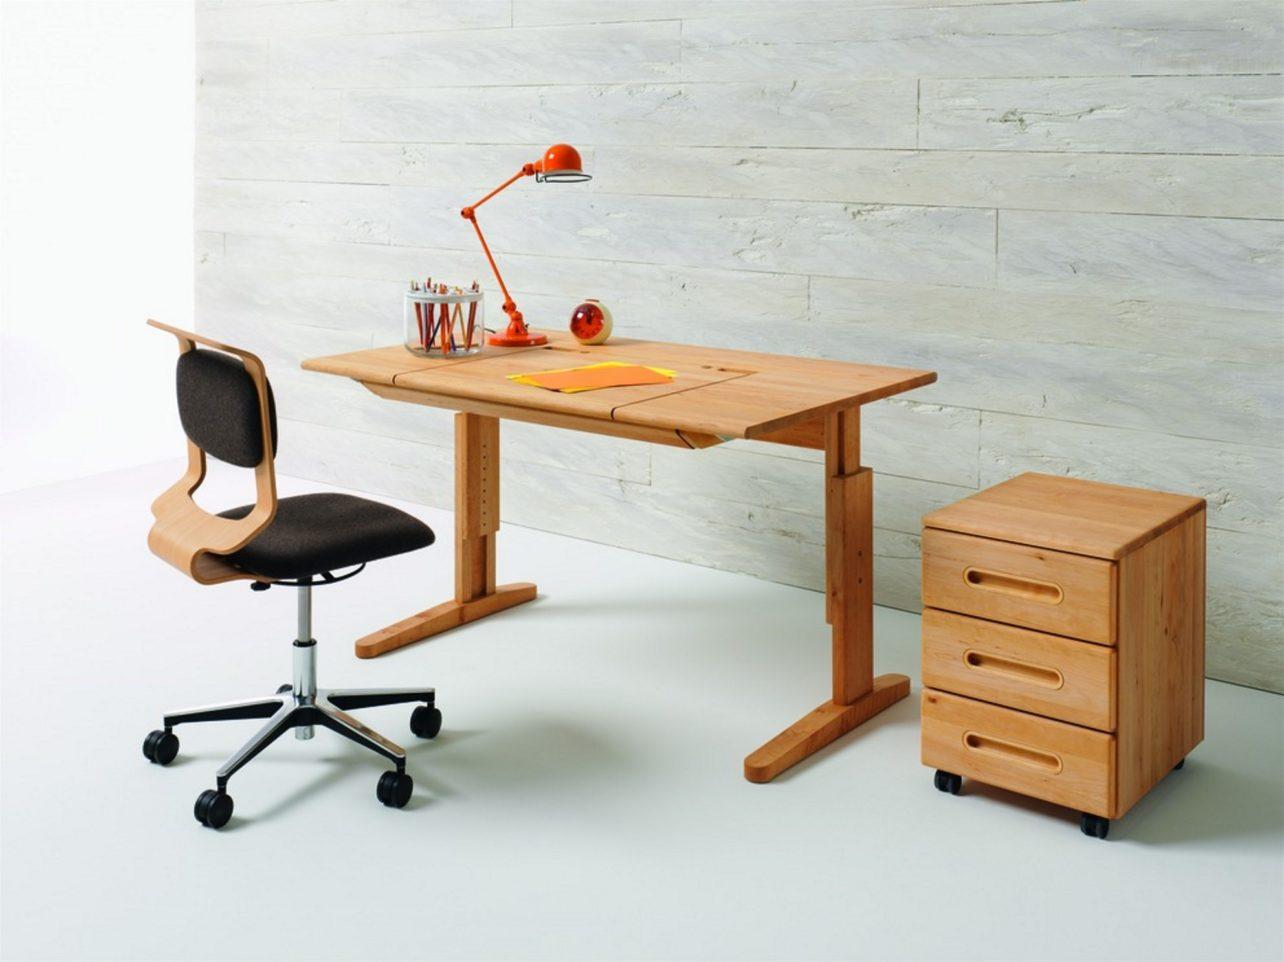 Schreibtisch MOBILE mit Schreibtisch-Drehstuhl und Rollcontainer